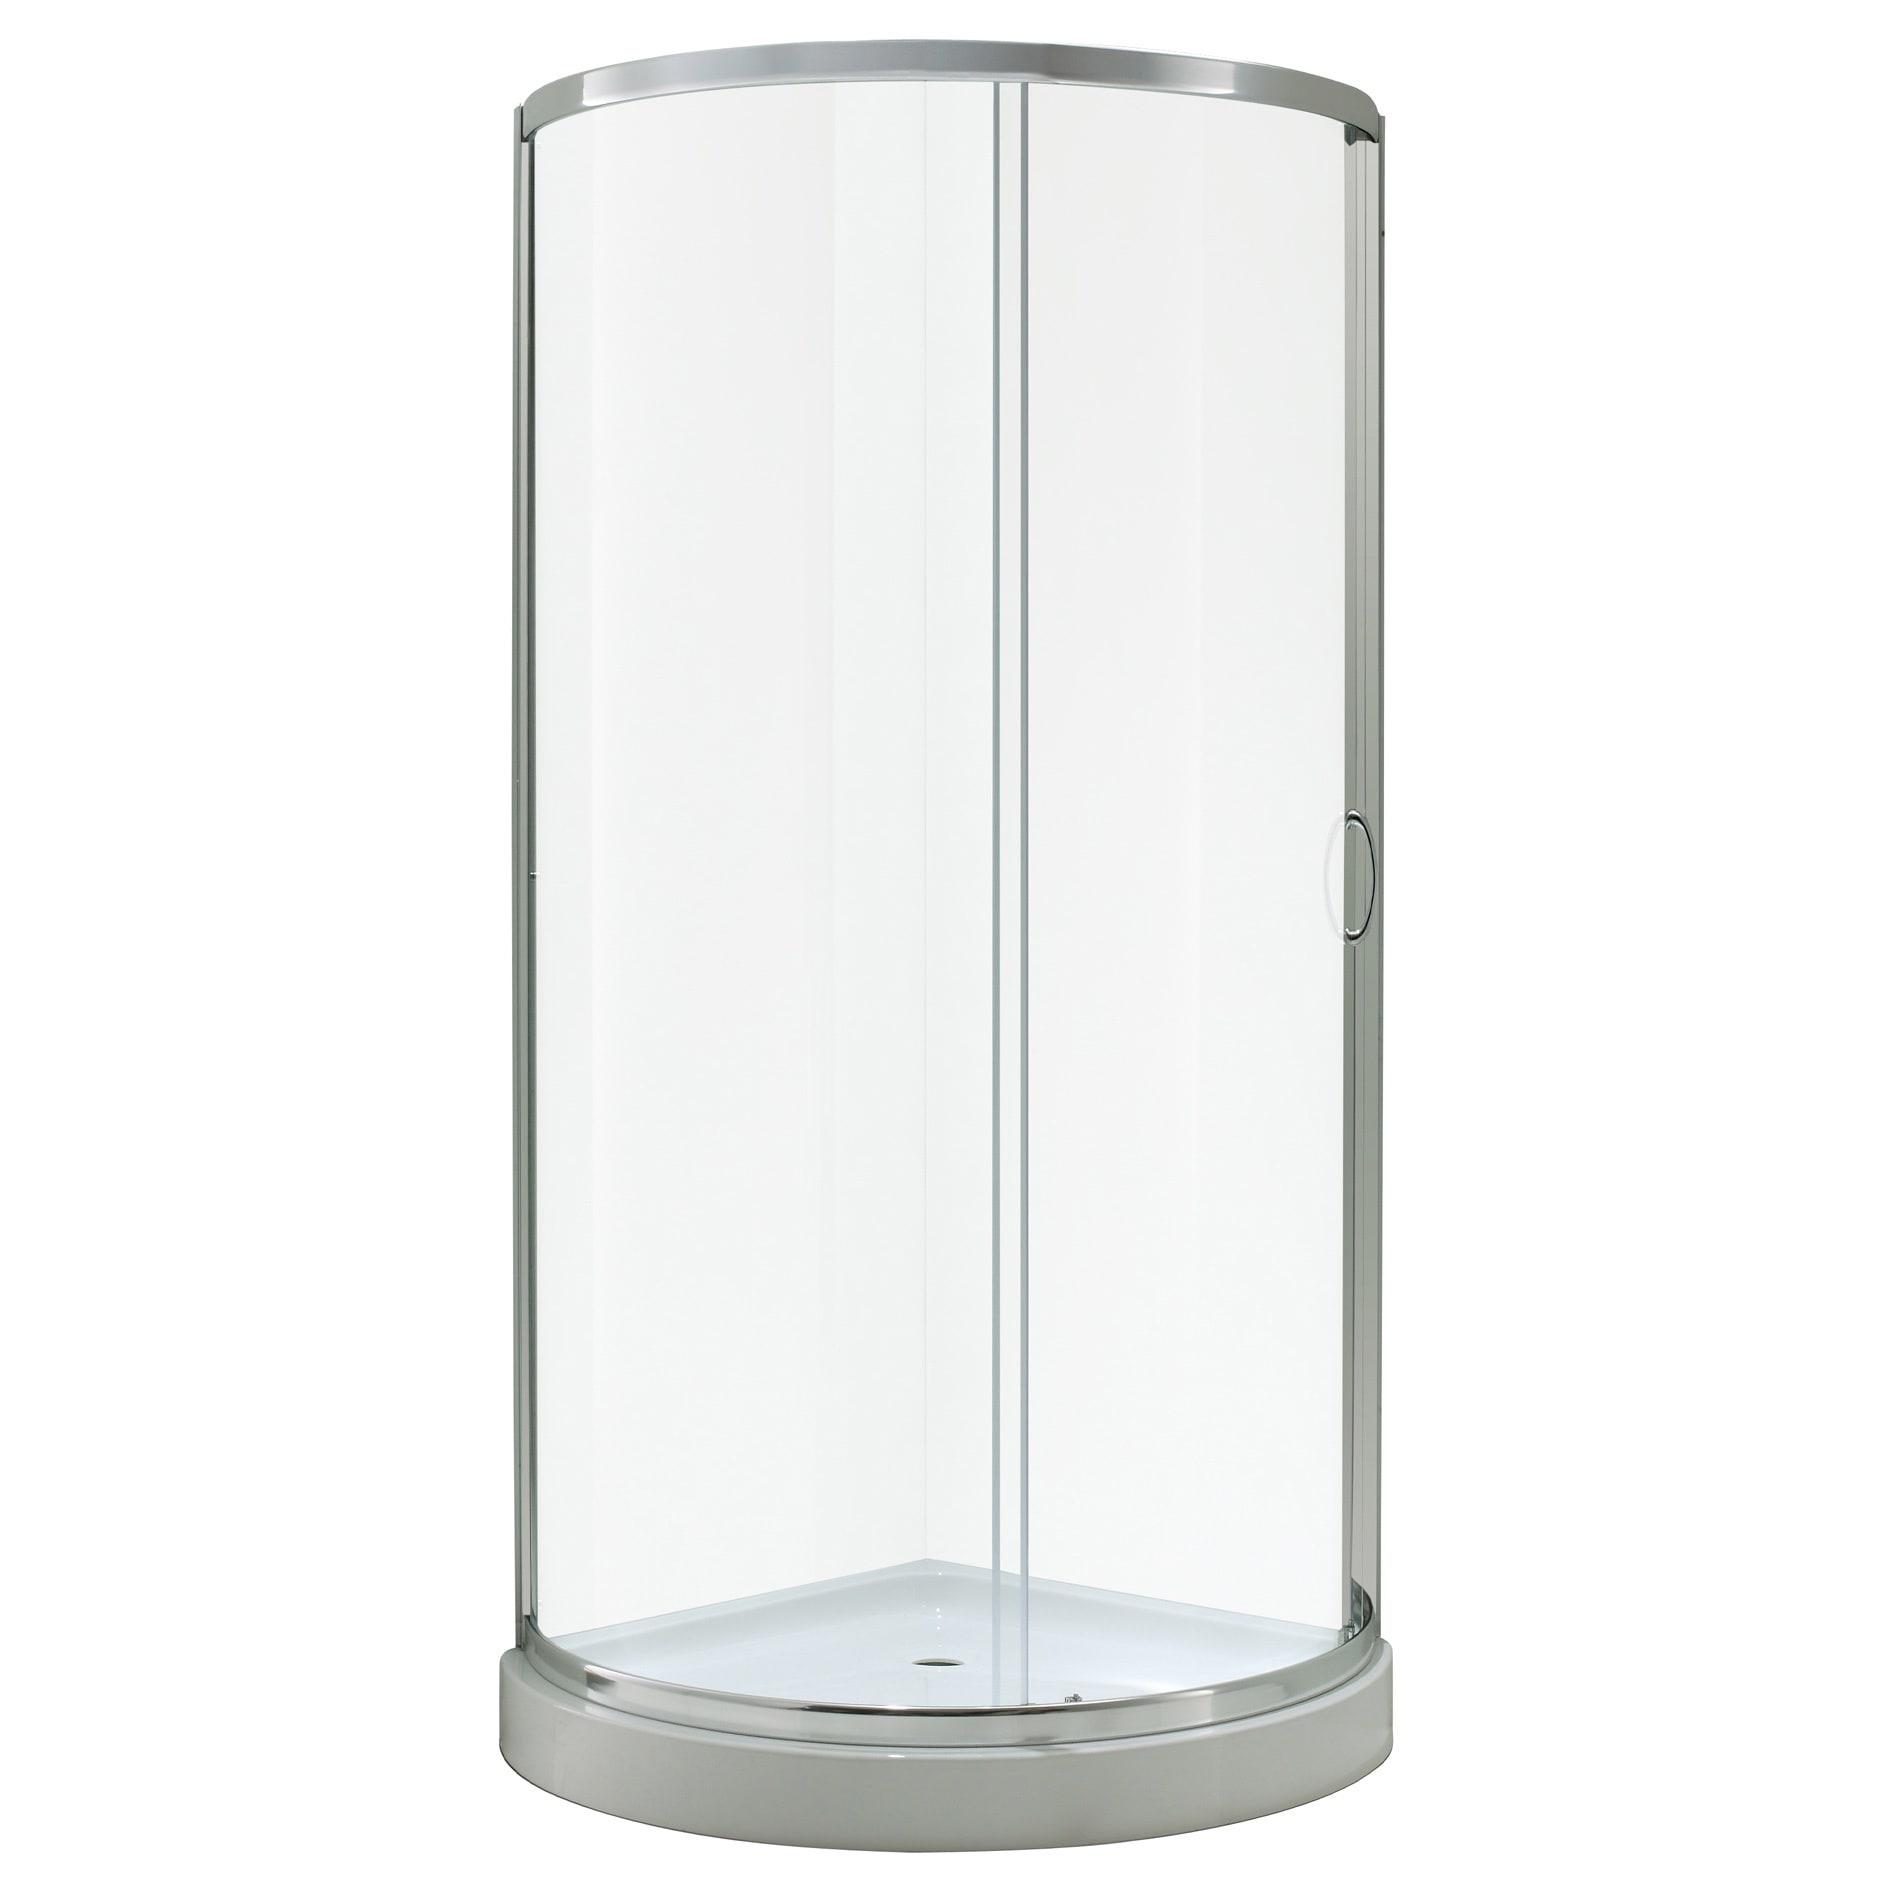 OVE Decors Breeze 31-inch Shower Enclosure Kit with Paris...